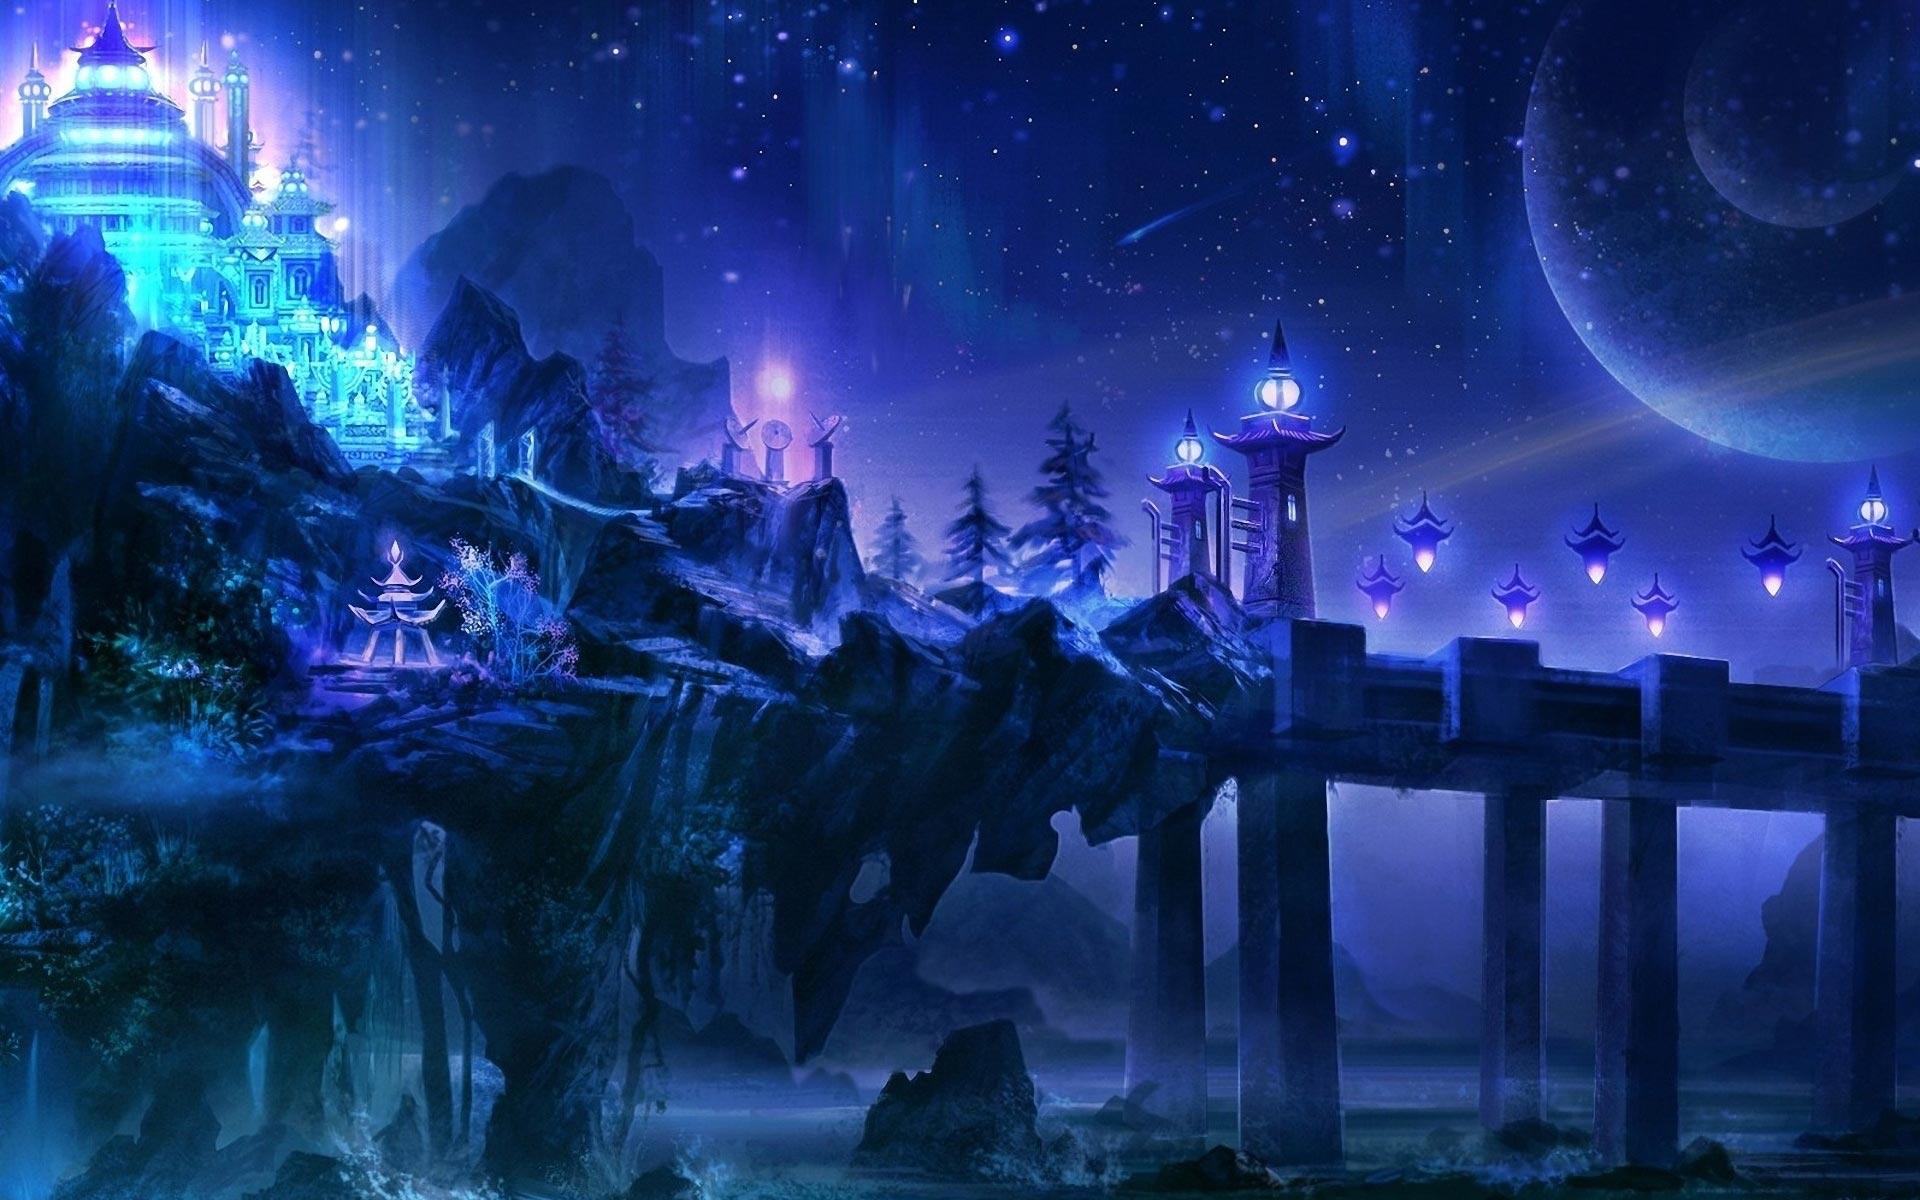 Fantasy   Fantasy Photo 32757148 1920x1200